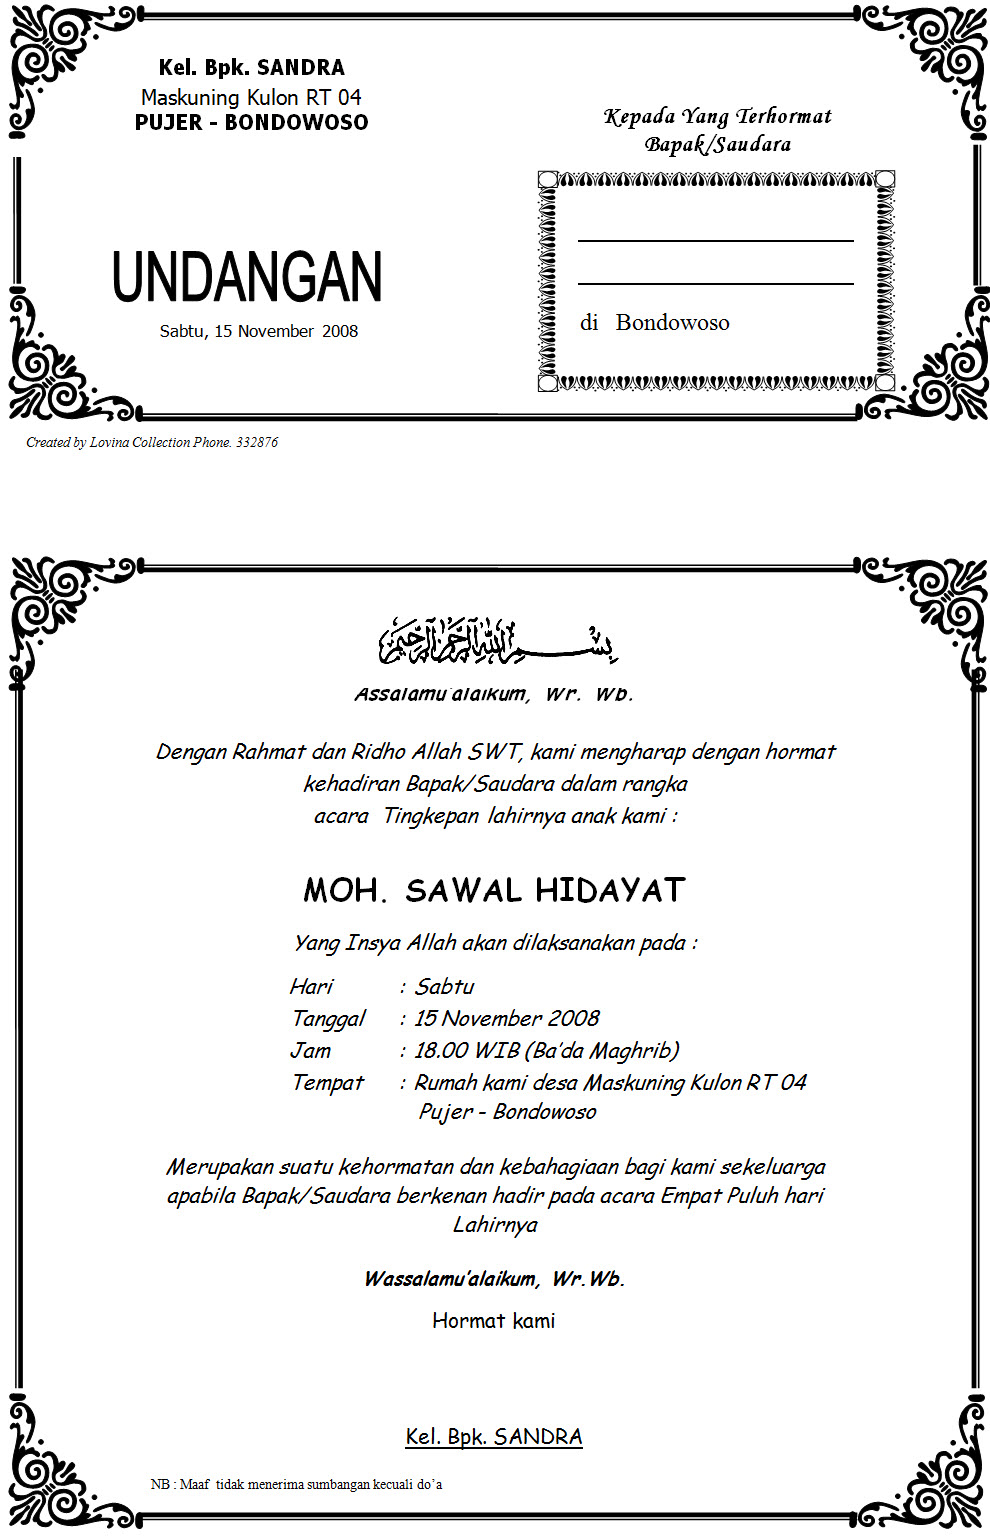 Agustus 2014 Harga Undangan Tas Kipas Unik Murah Bekasi